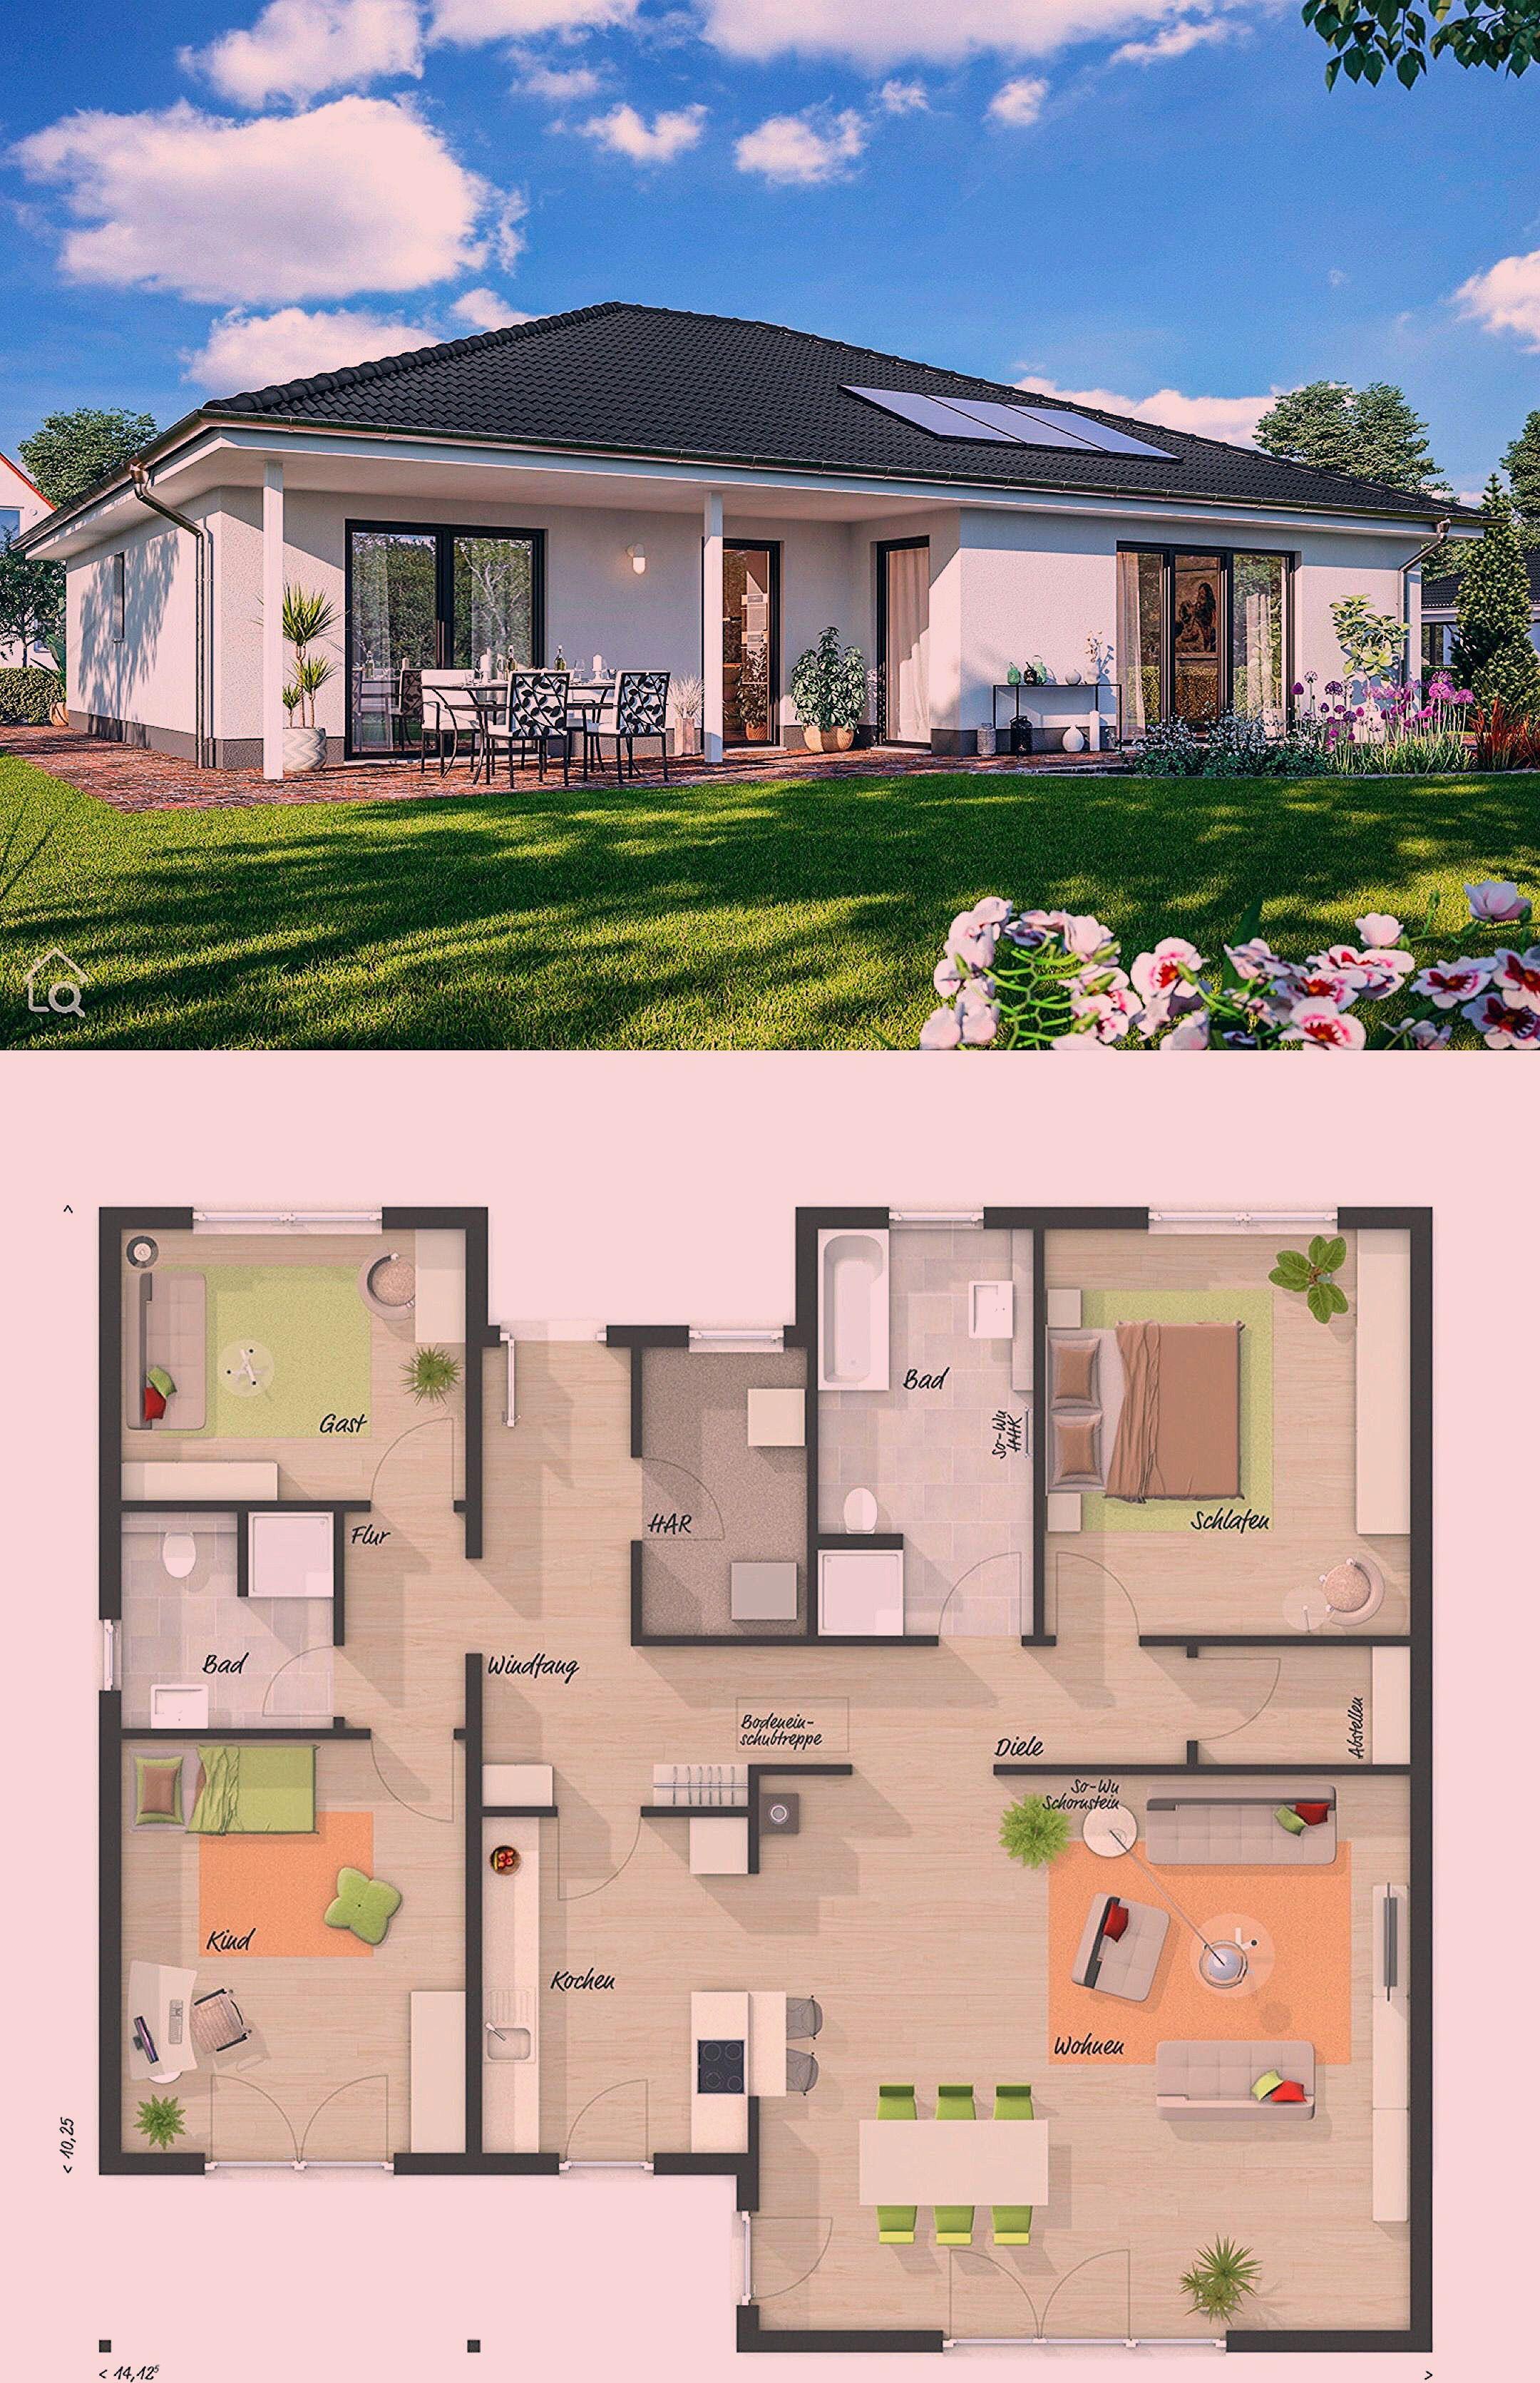 Photo of Bungalow Haus mit Walmdach Architektur & 4 Zimmer Grundriss, 130 qm gross, recht…,  #Archit…